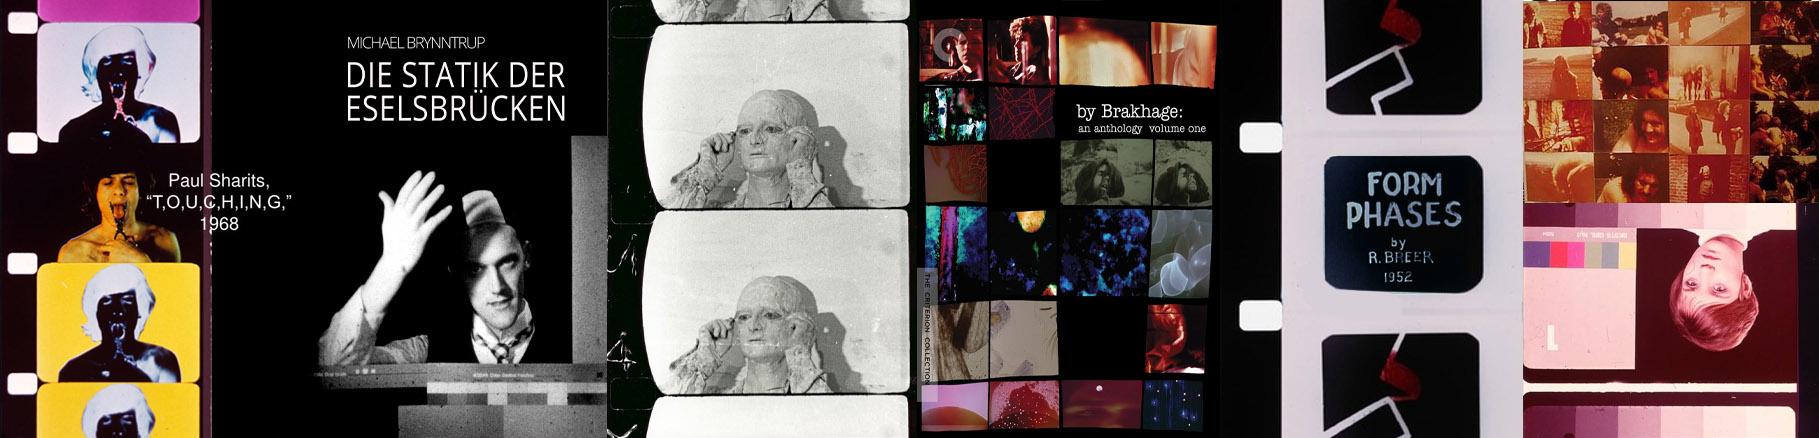 Materialfilm